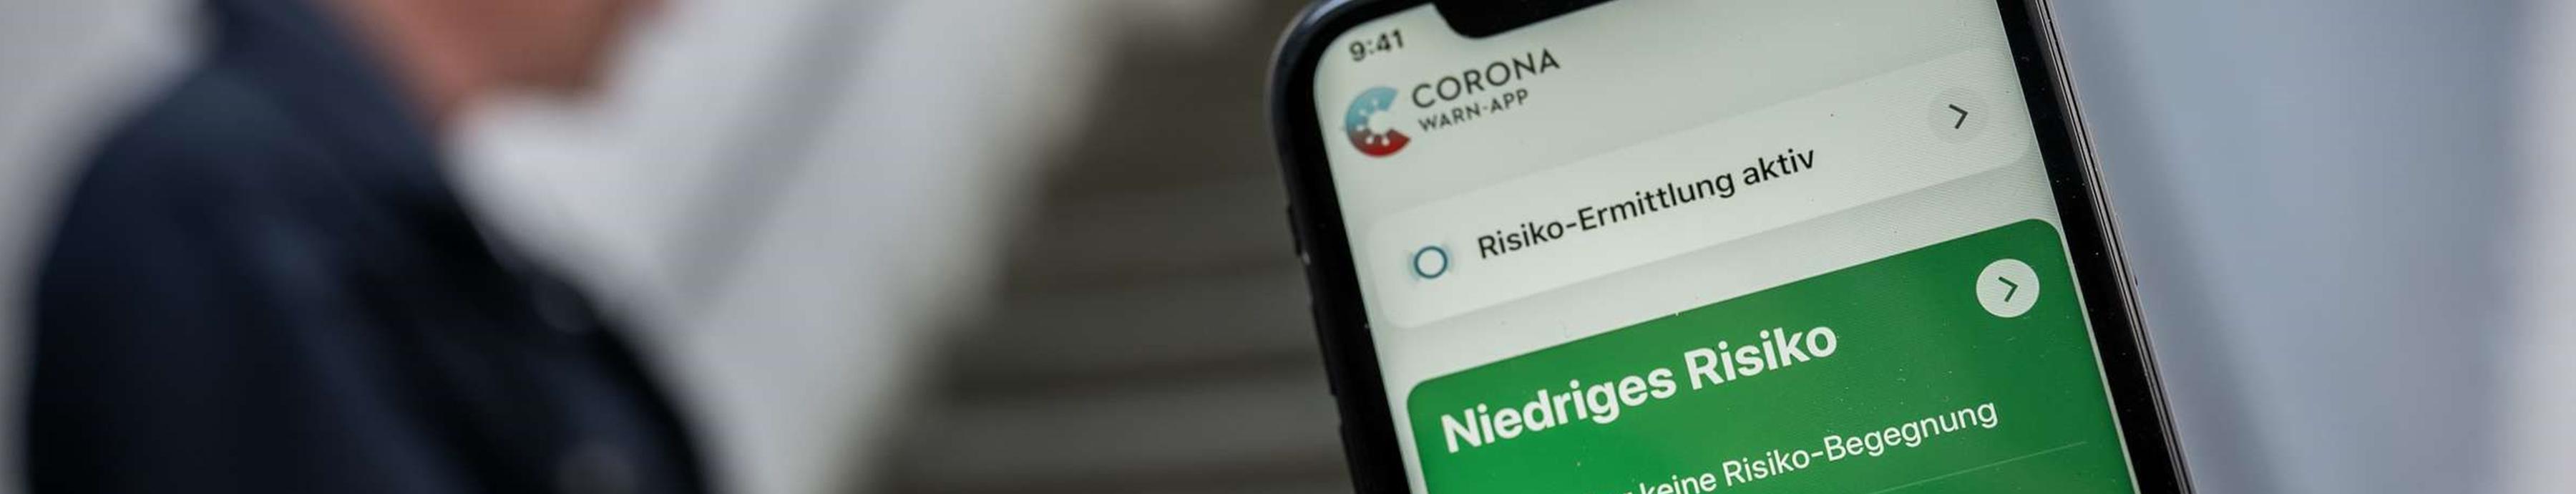 Anti-Corona-App: so erfolgt die Eindämmung möglicher Corona-Infektionen